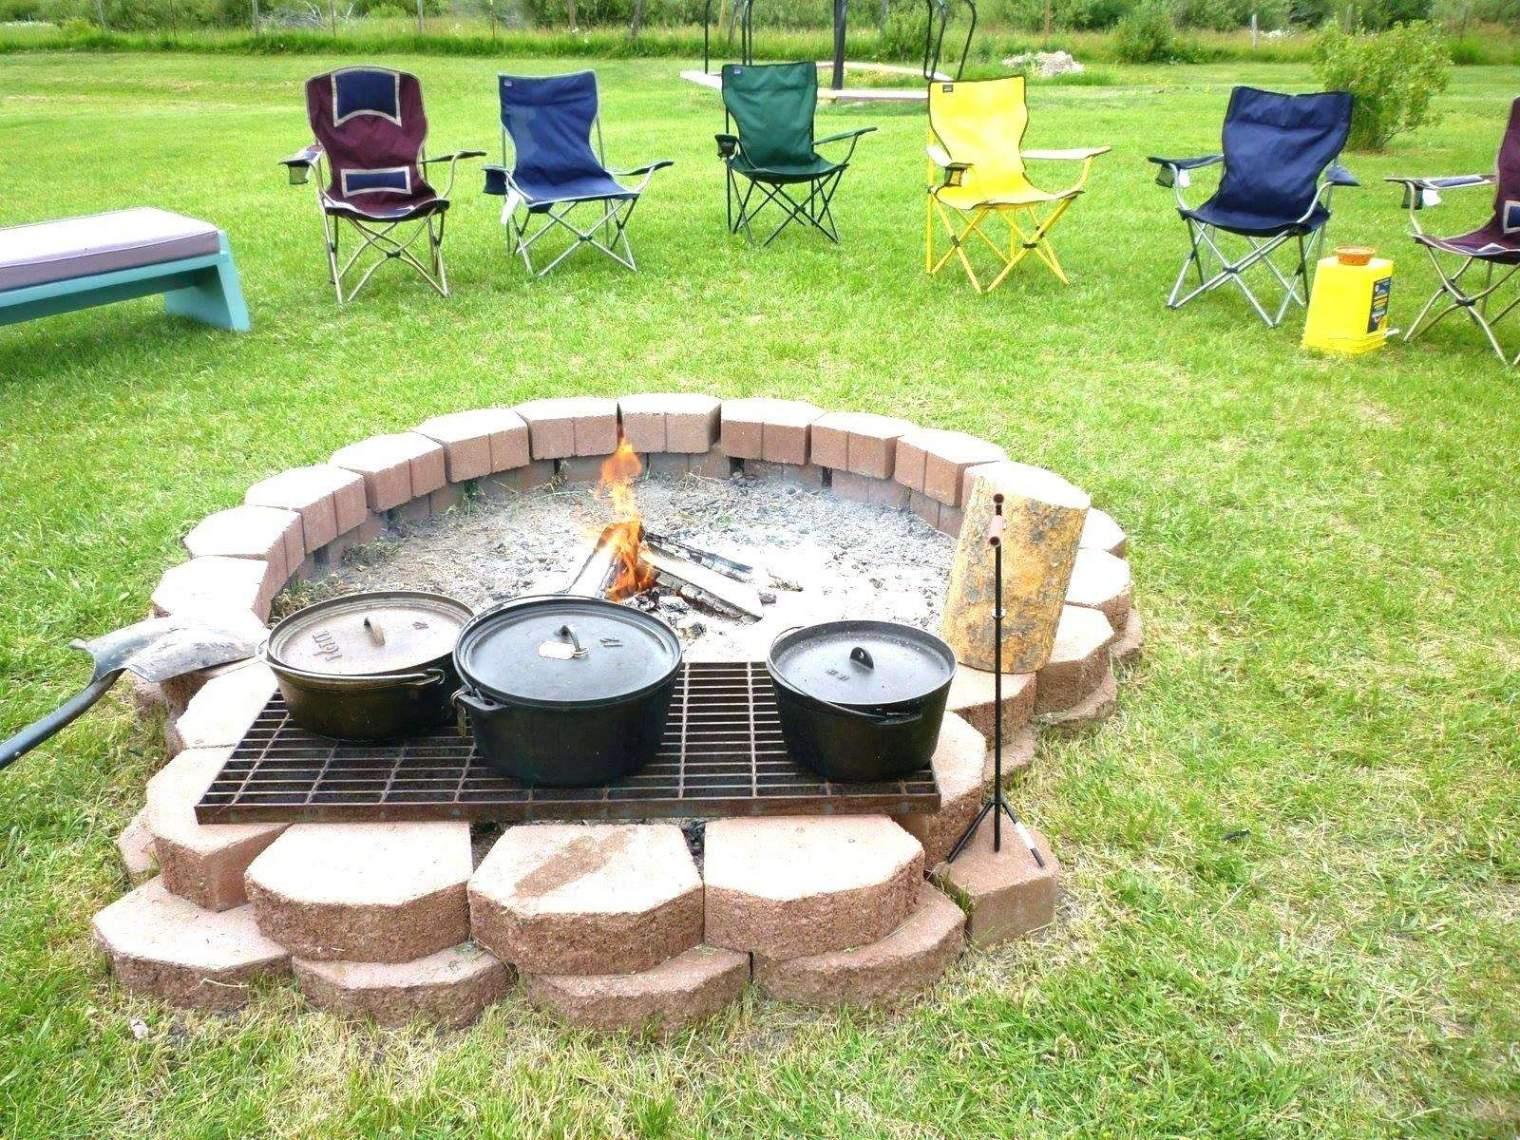 Feuerstelle Garten Bauen Inspirierend Feuerstelle Im Garten Luxus Gartengestaltung Planen 0d